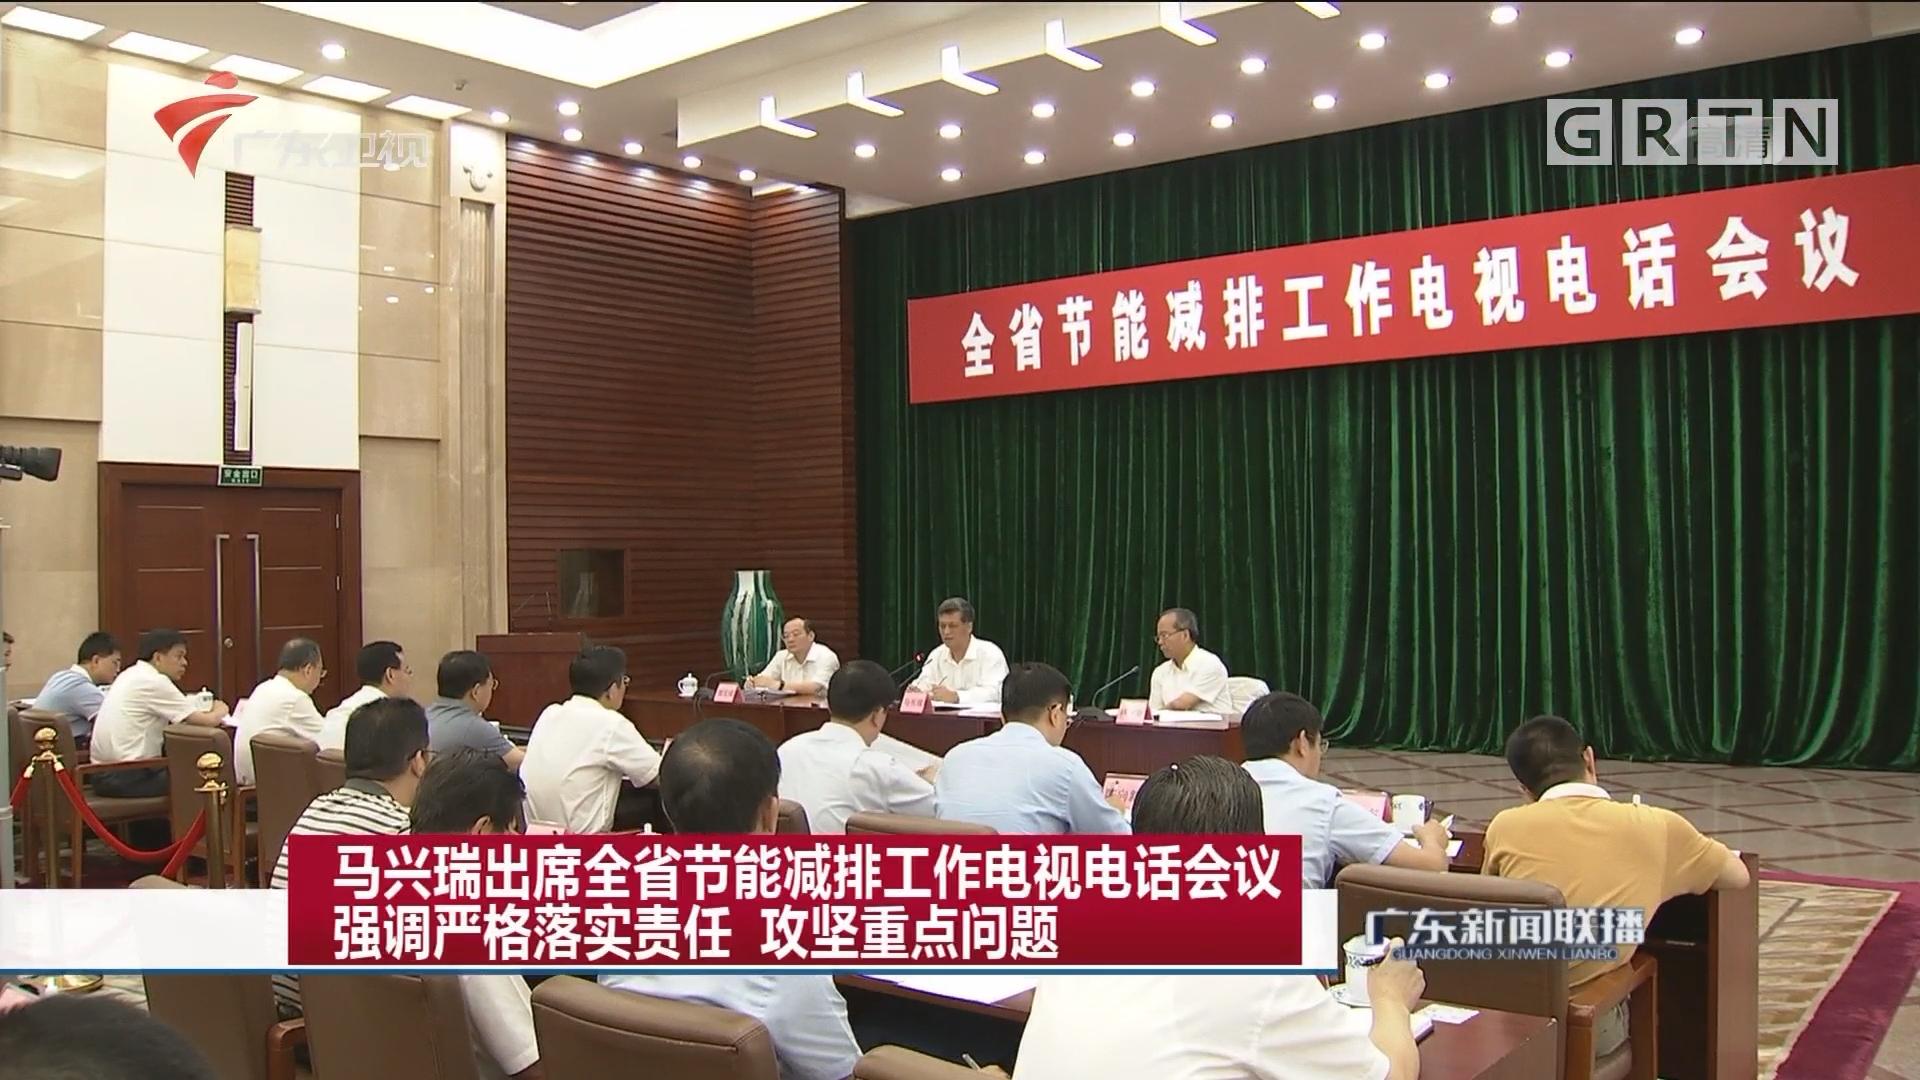 马兴瑞出席全省节能减排工作电视电话会议 强调严格落实责任 攻坚重点问题